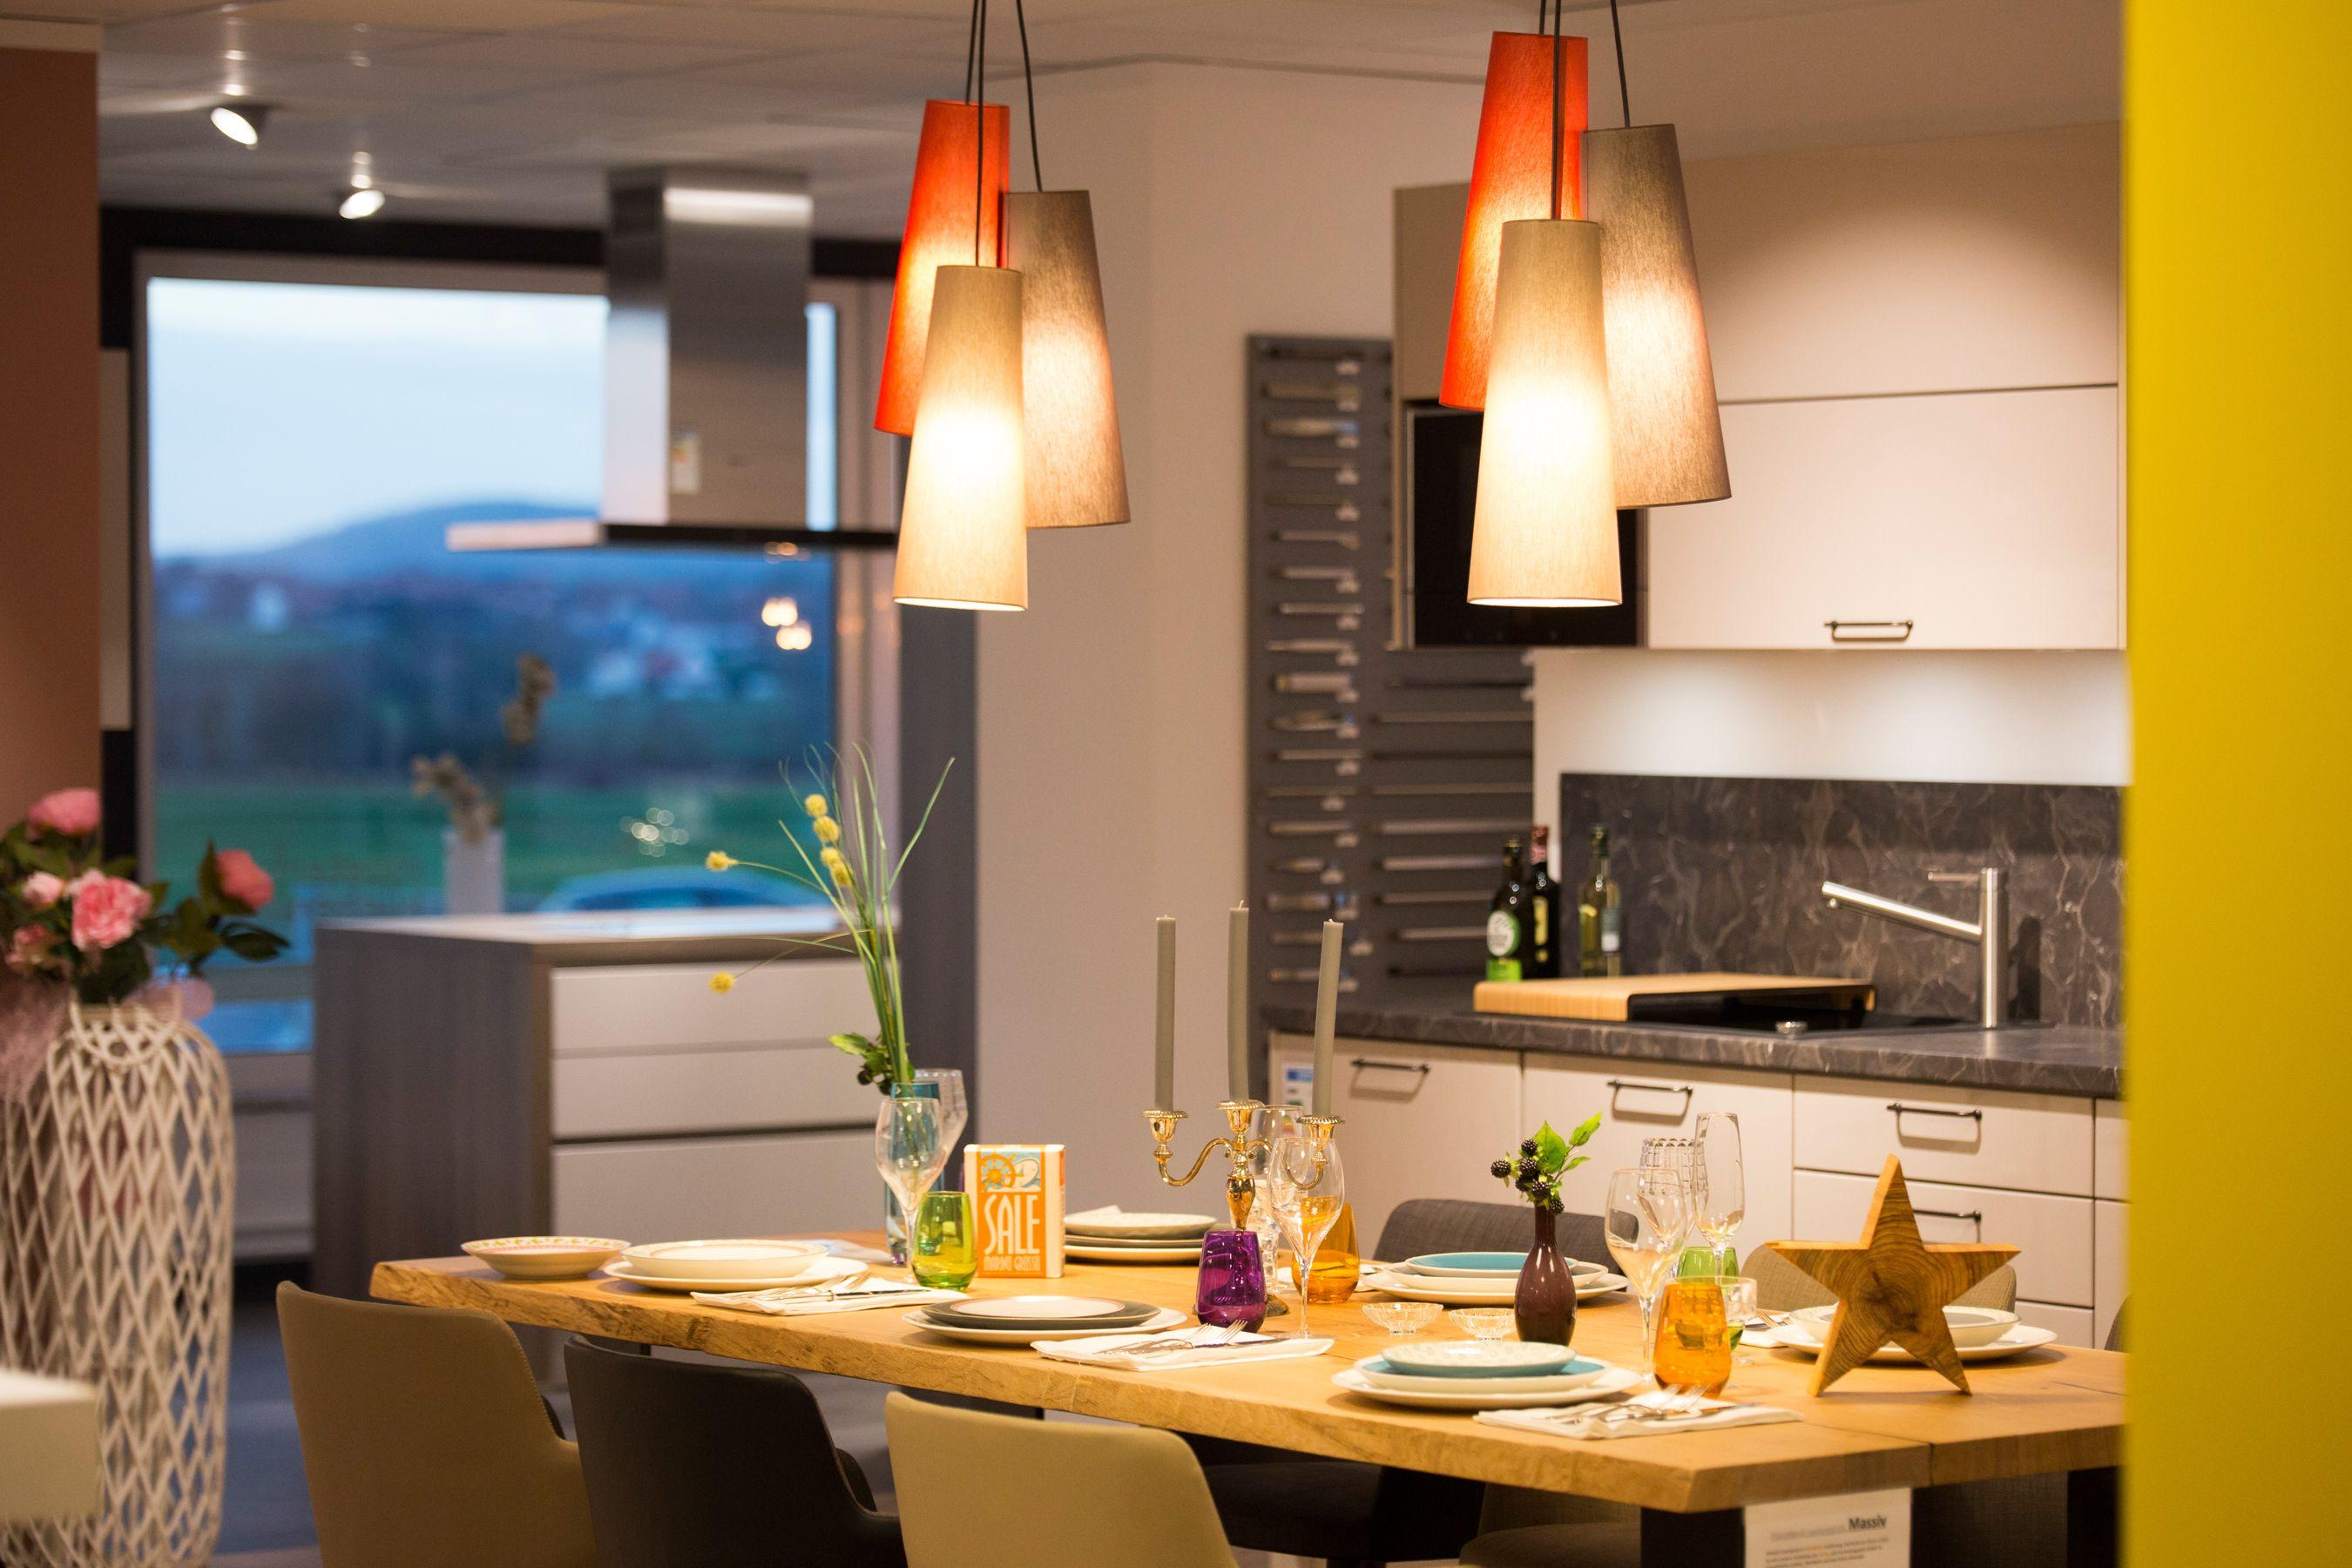 inspirierende KüchenAusstellung im Küchenstudio Noack